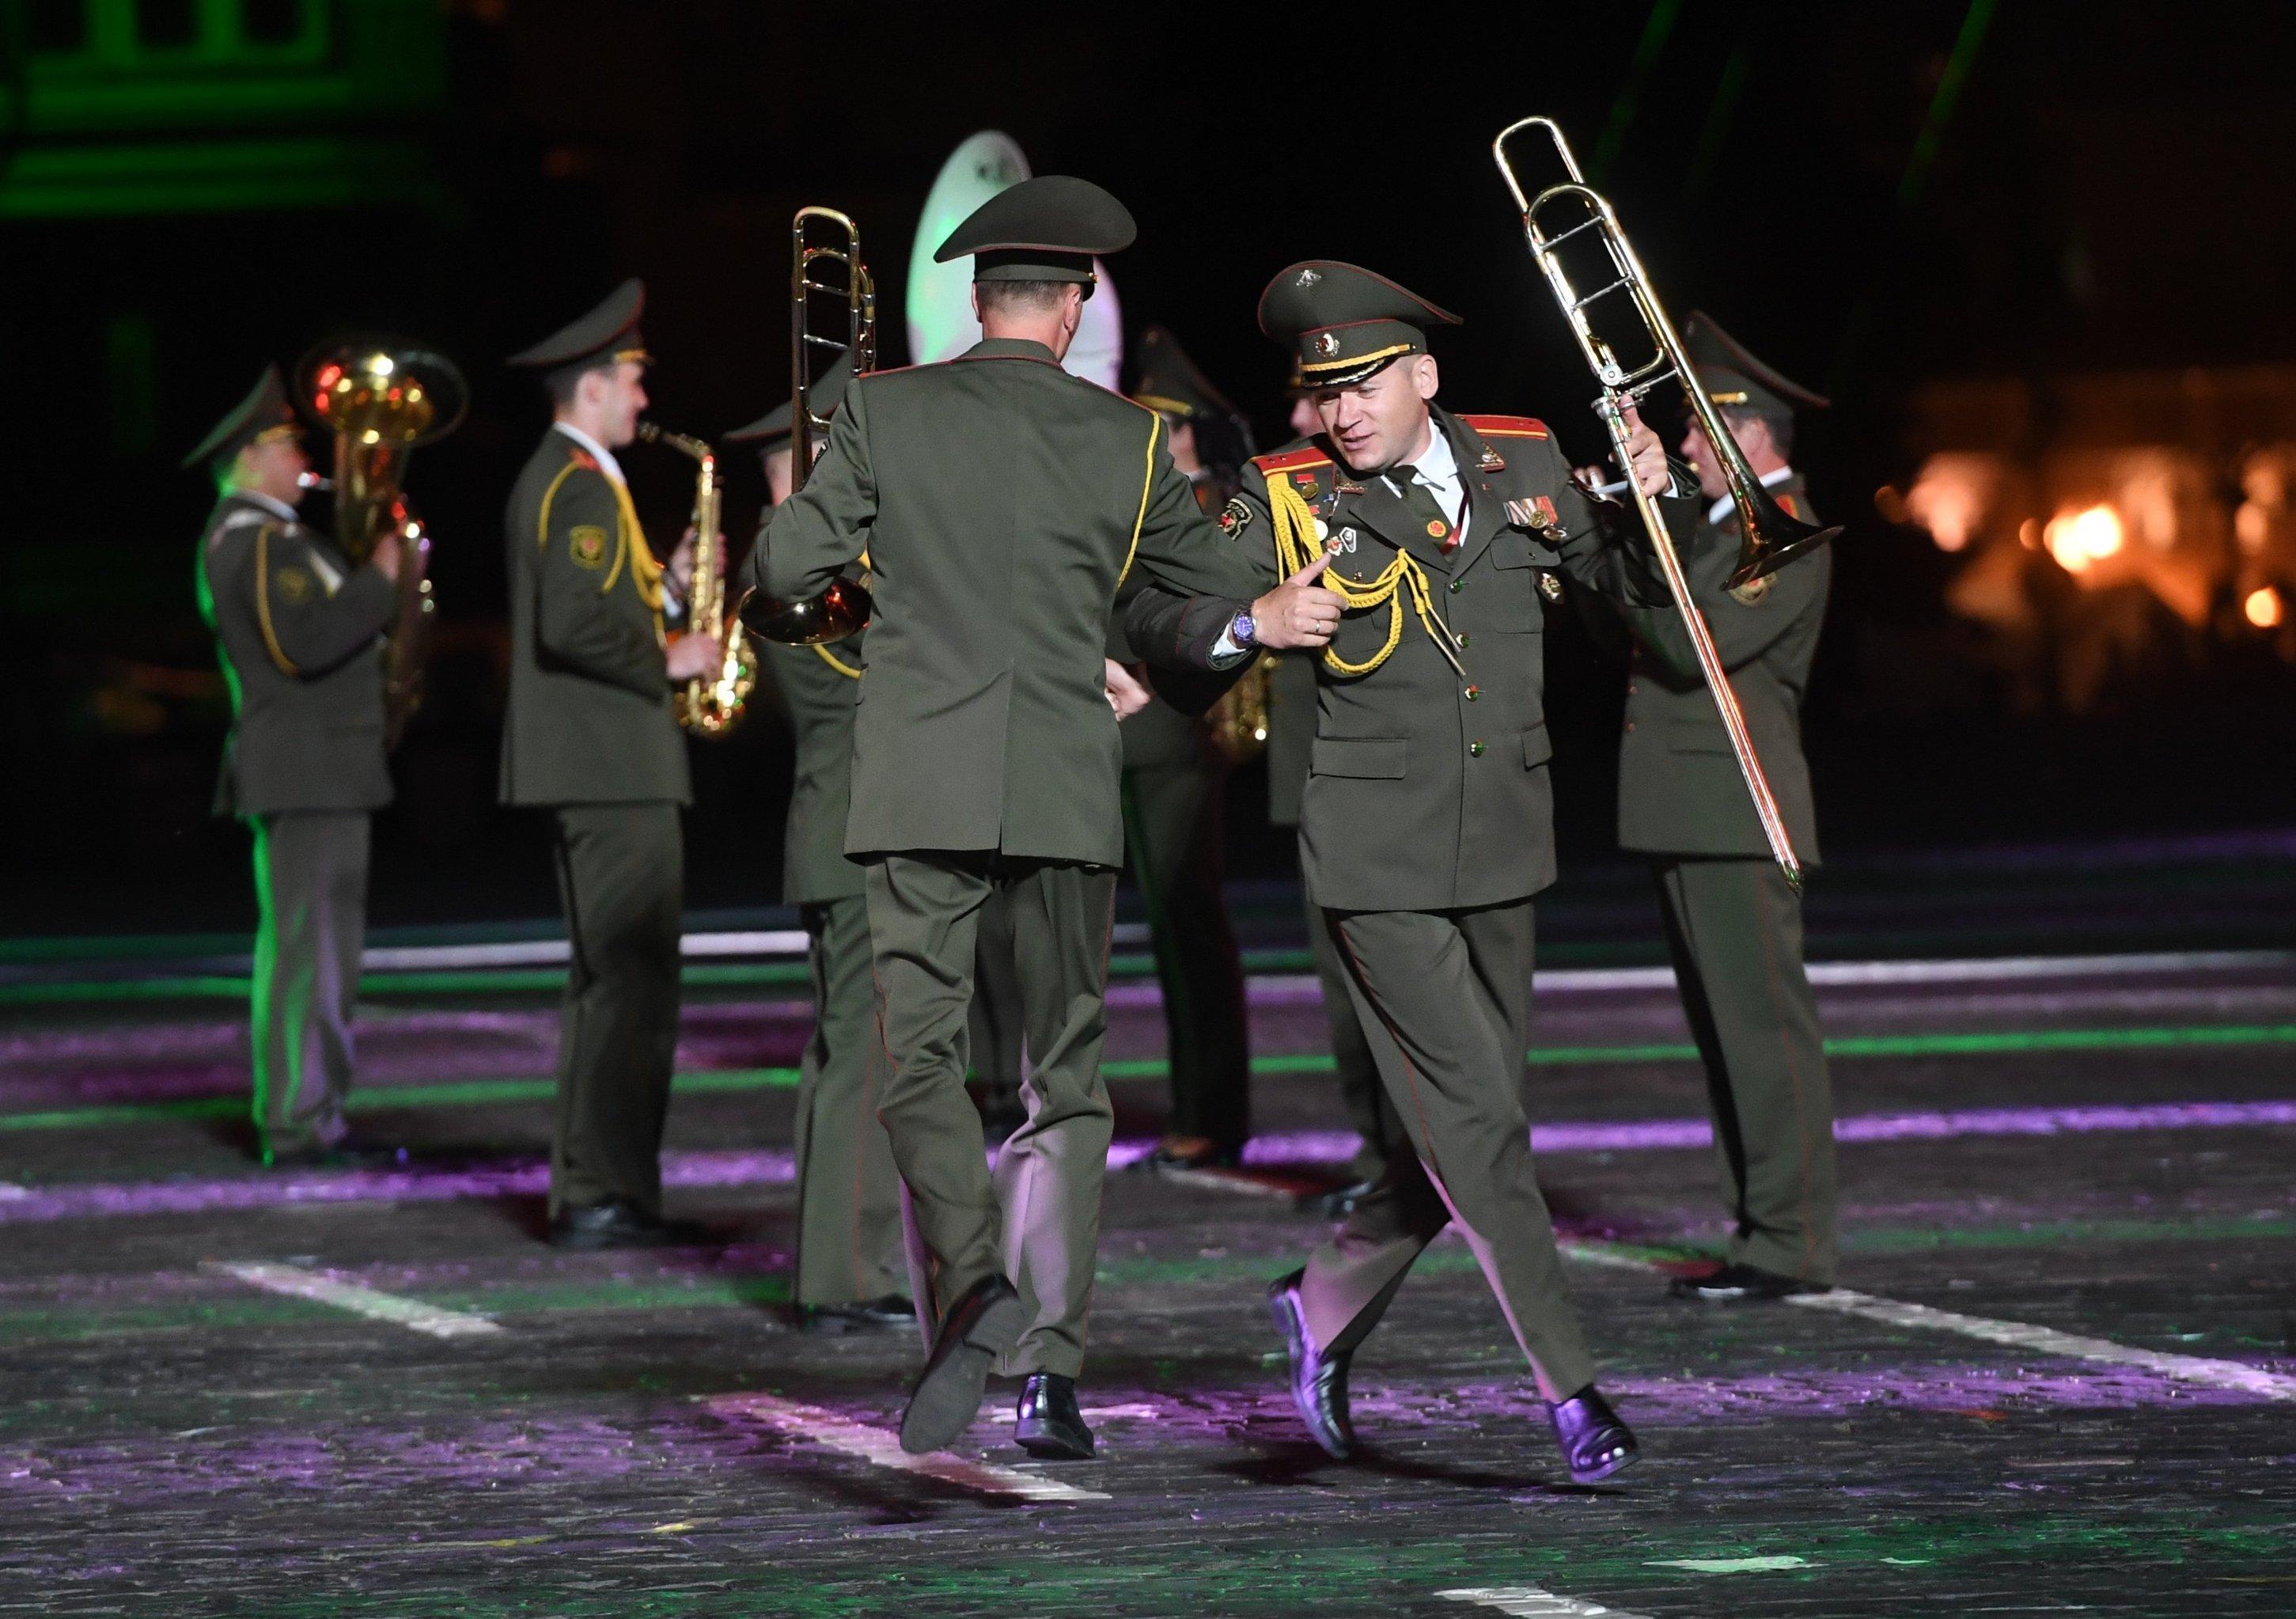 Los militares de Bielorusia en la apertura del festival internacional de música Spasskaya Bashnia en Moscú